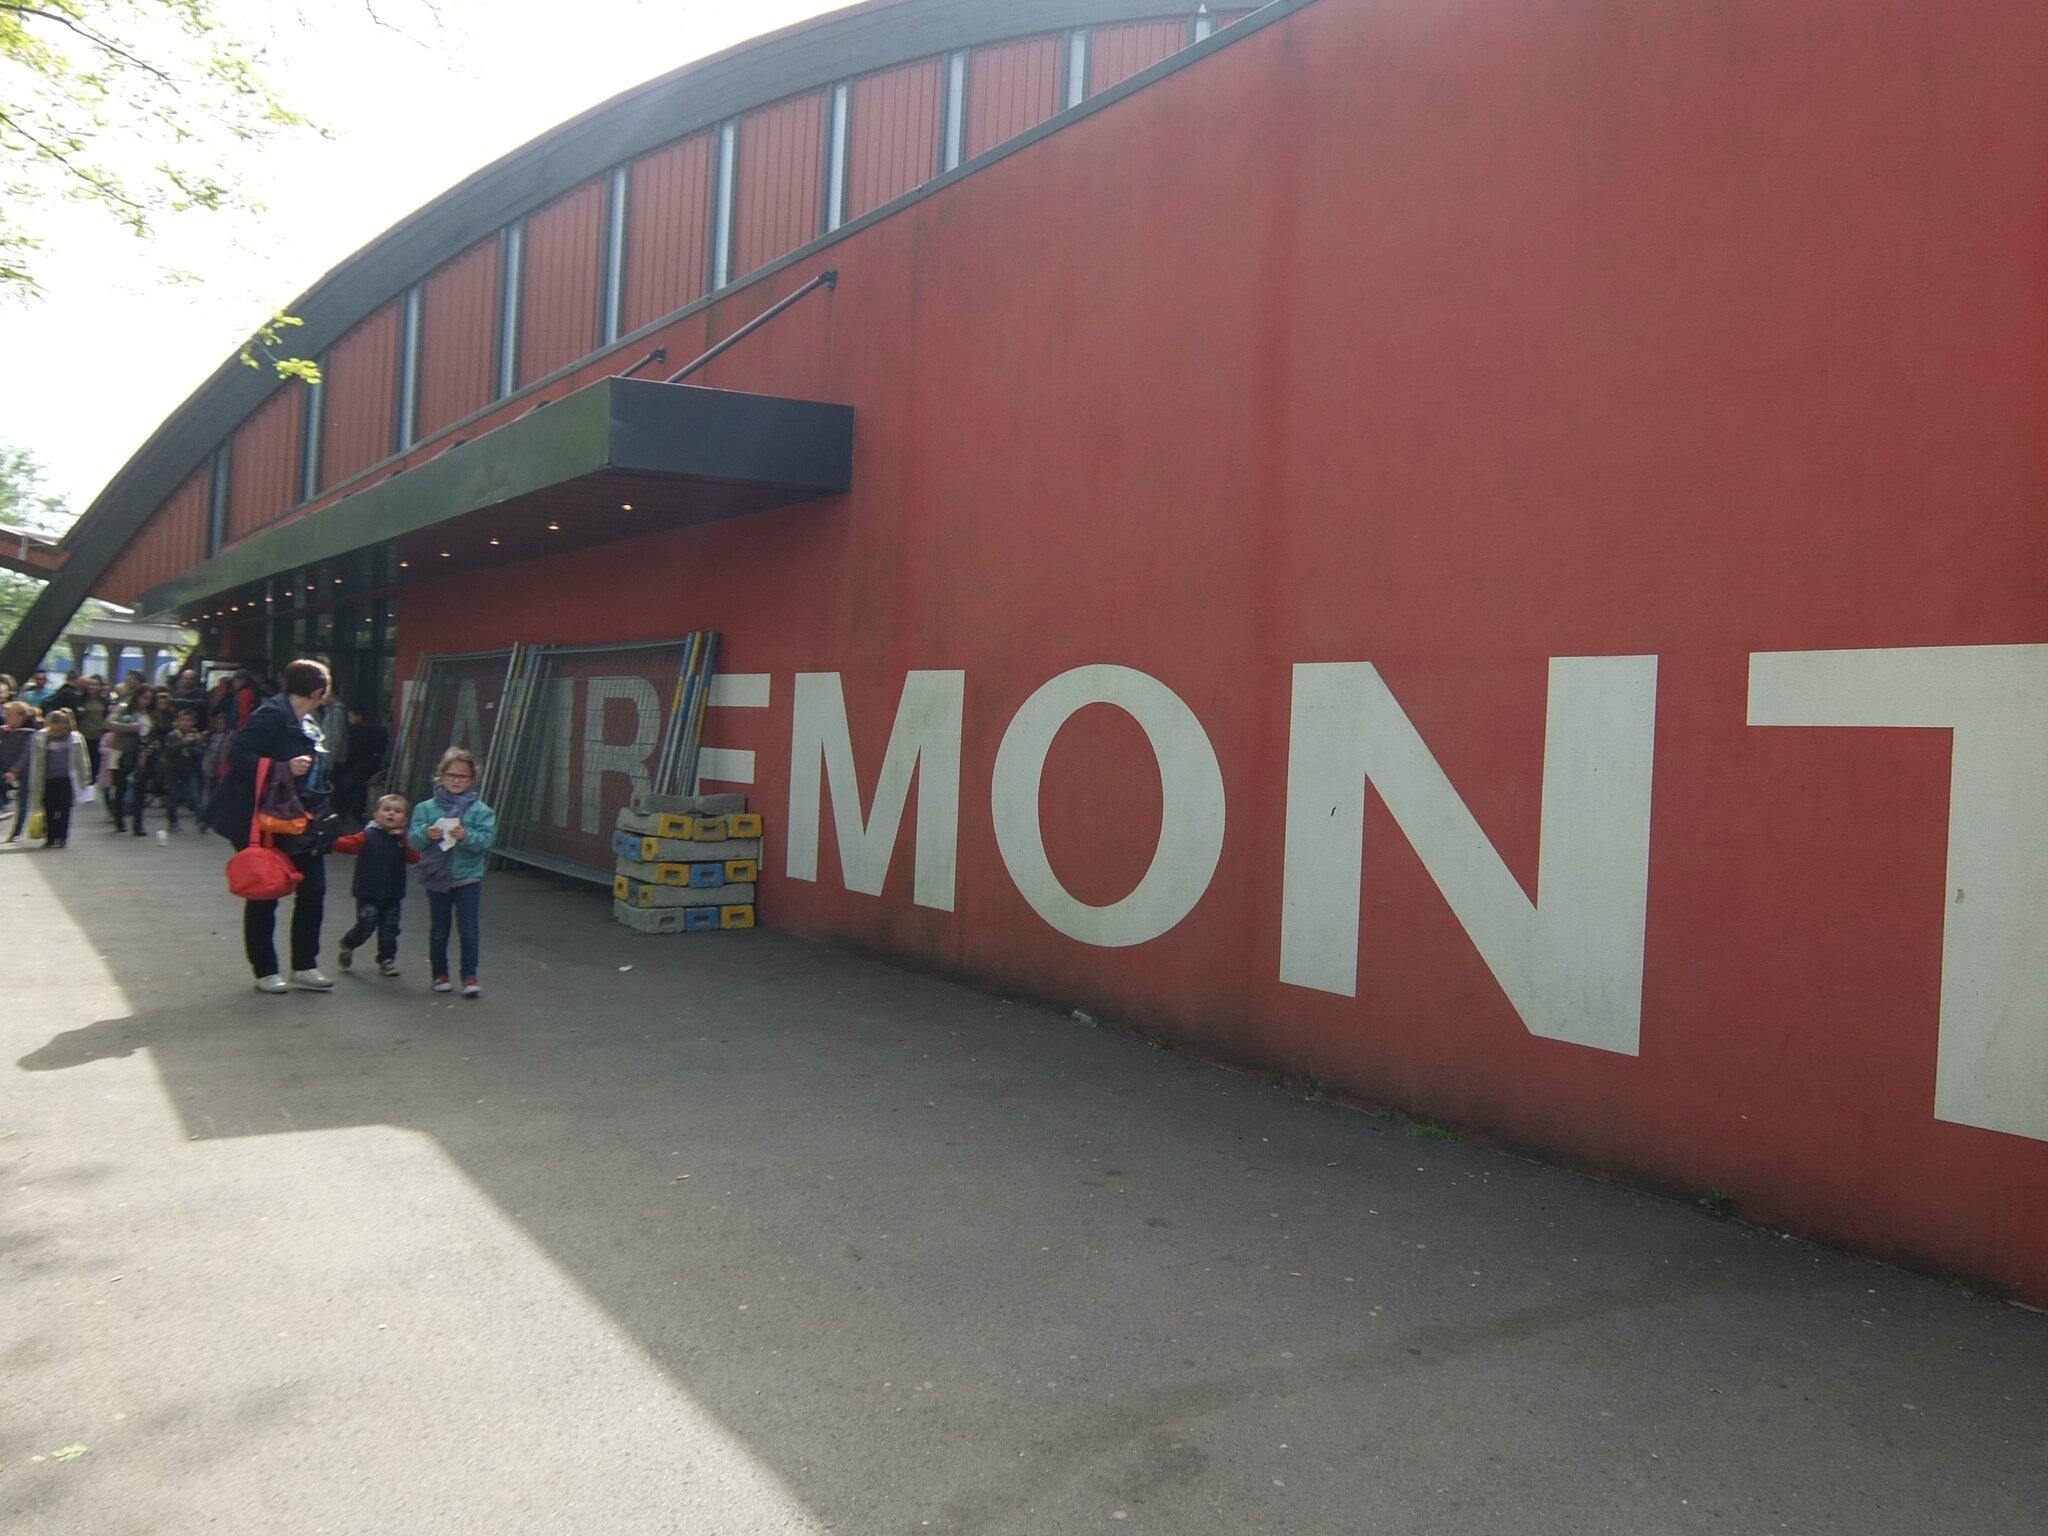 Mer Sur En A Pro Promenboulonnais De Boulogne Basket D2H9WIE